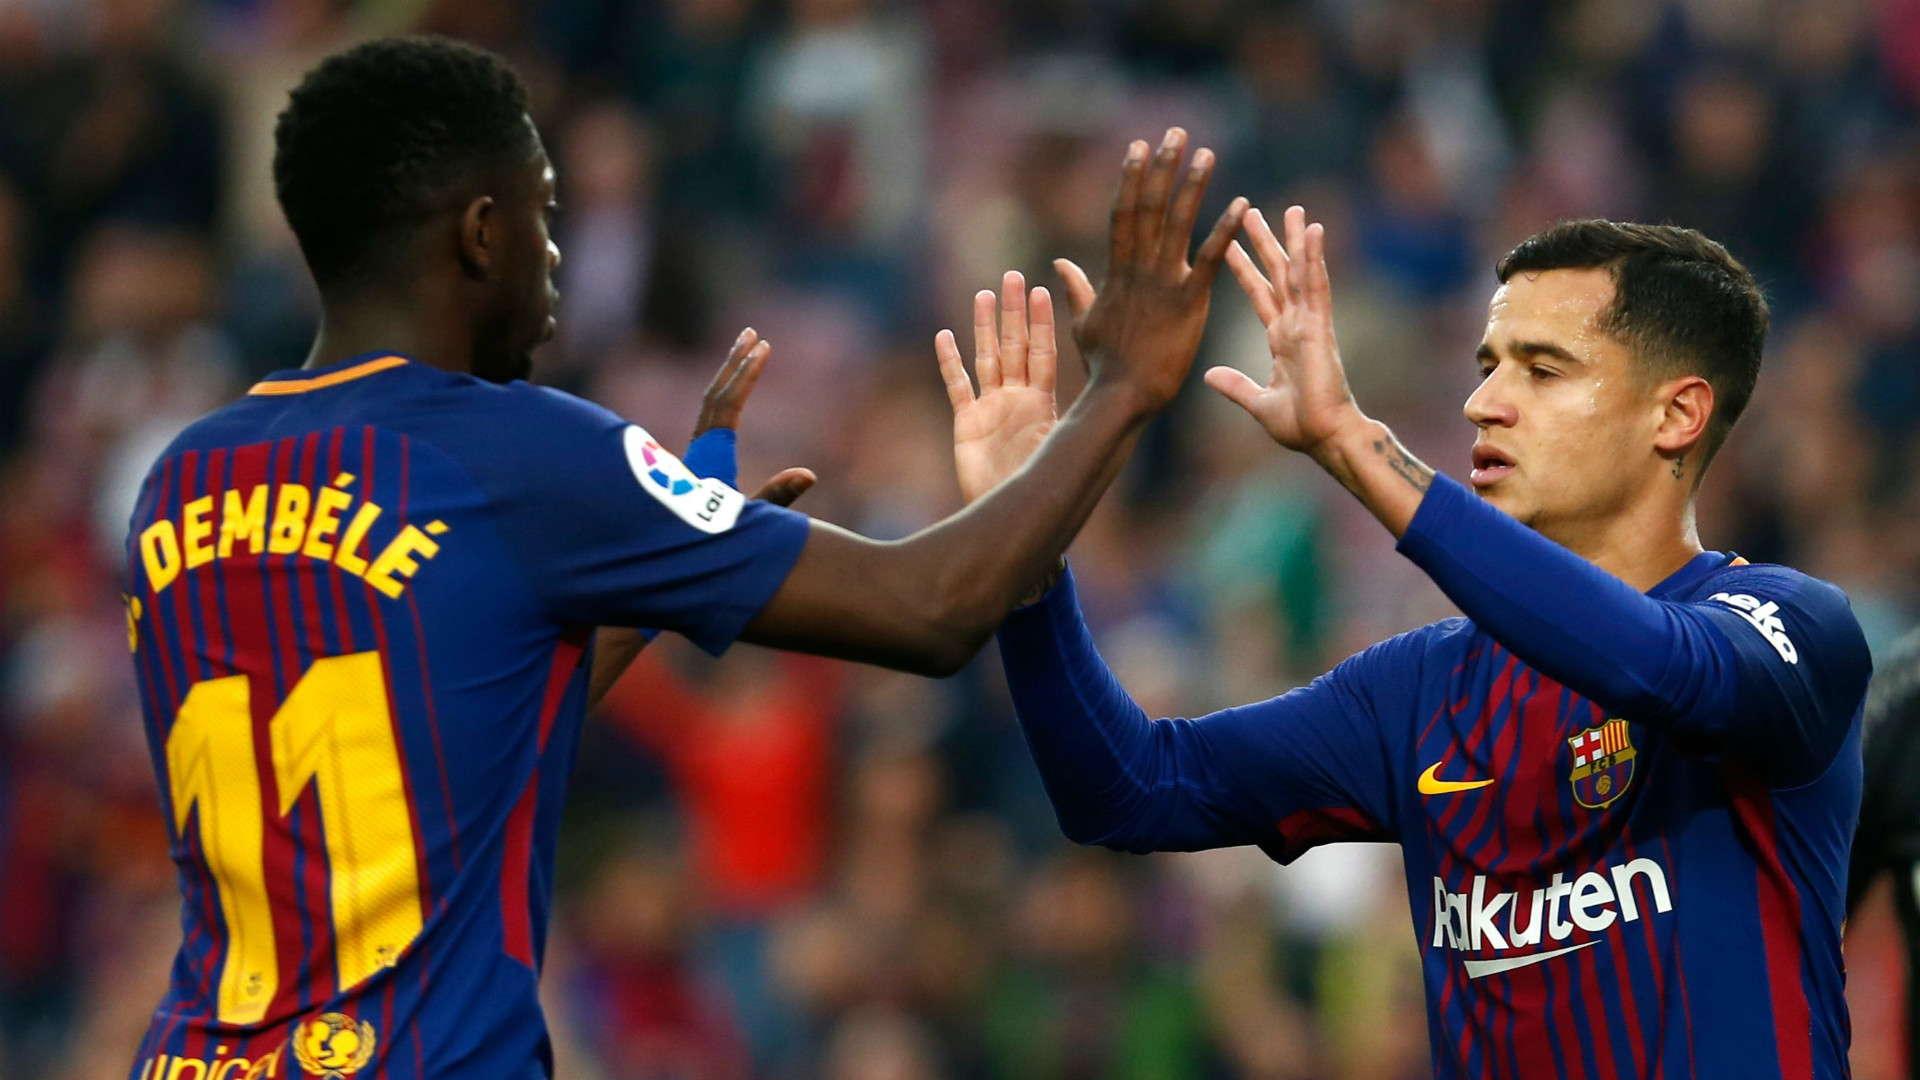 Valverde : Coutinho Dan Dembele Pemain Penting